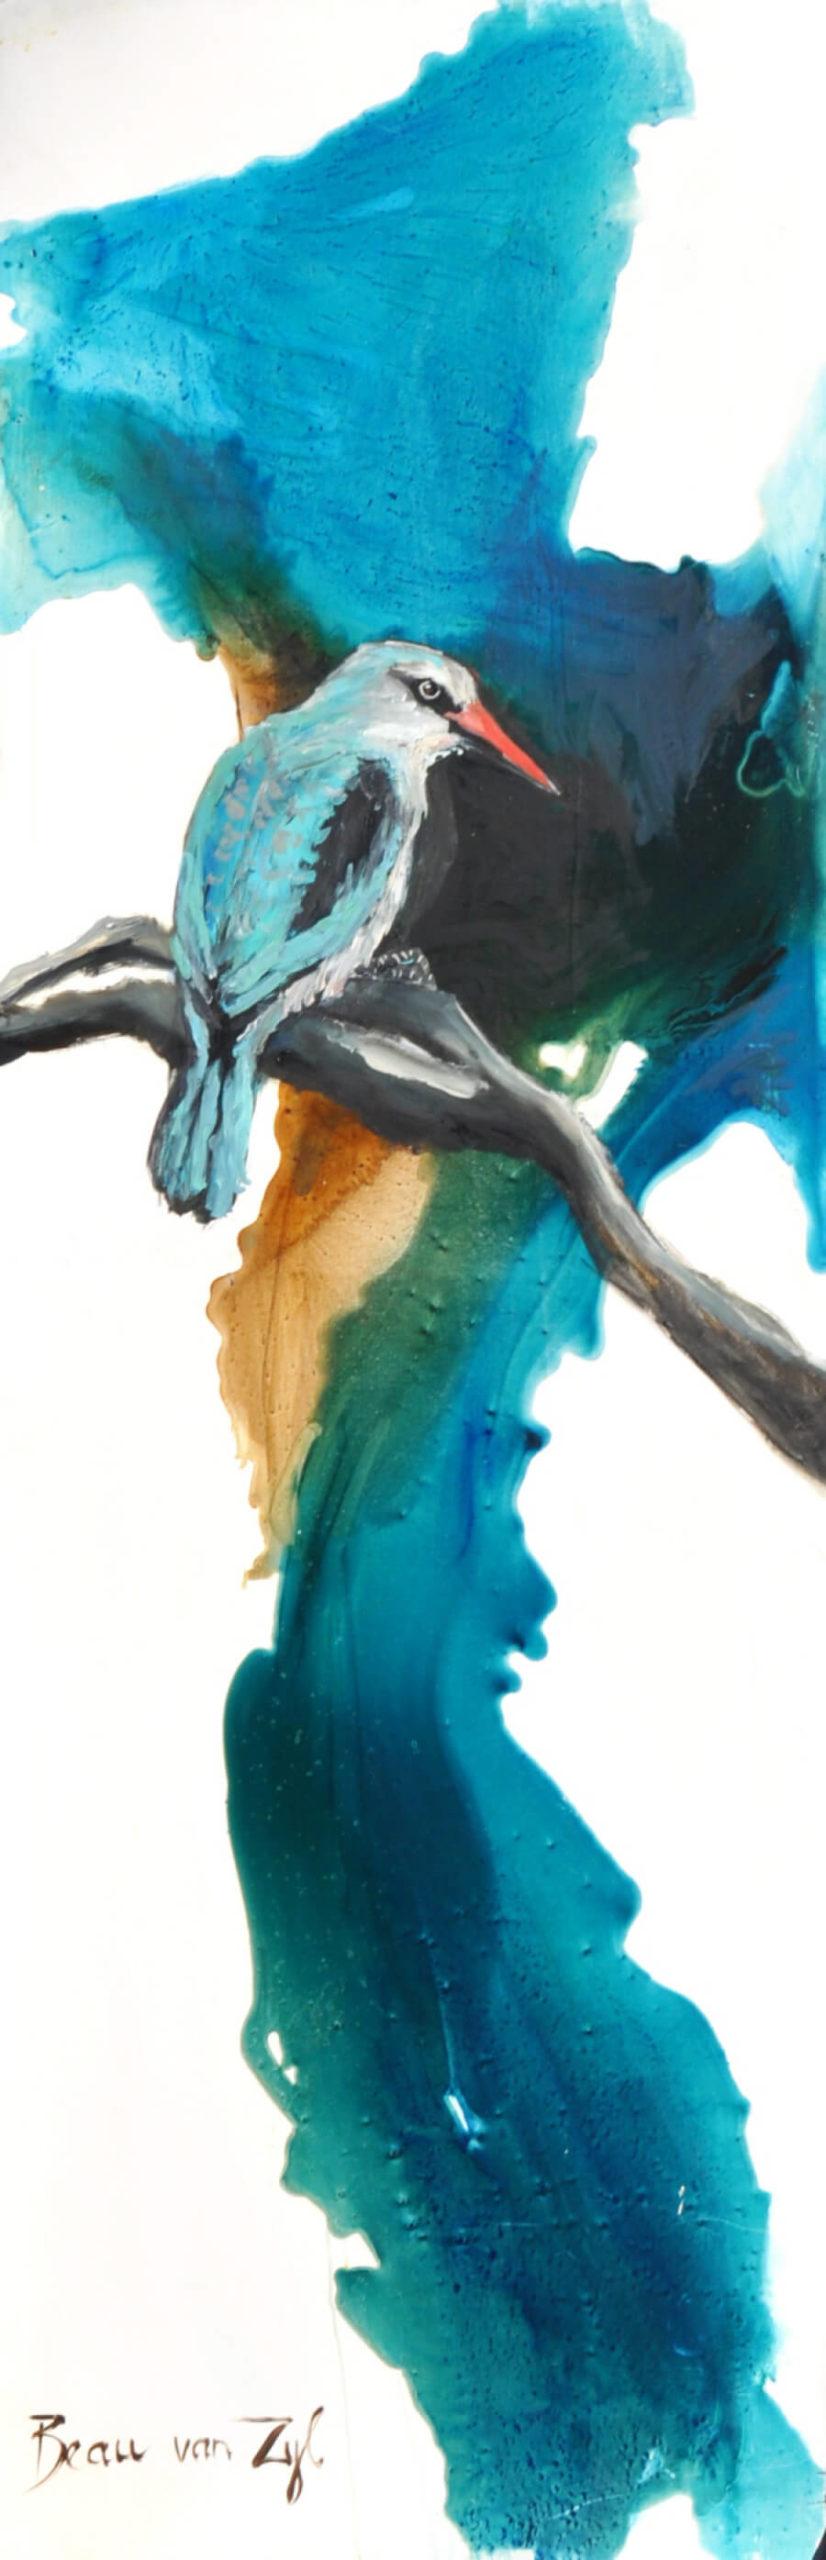 visvanger painting